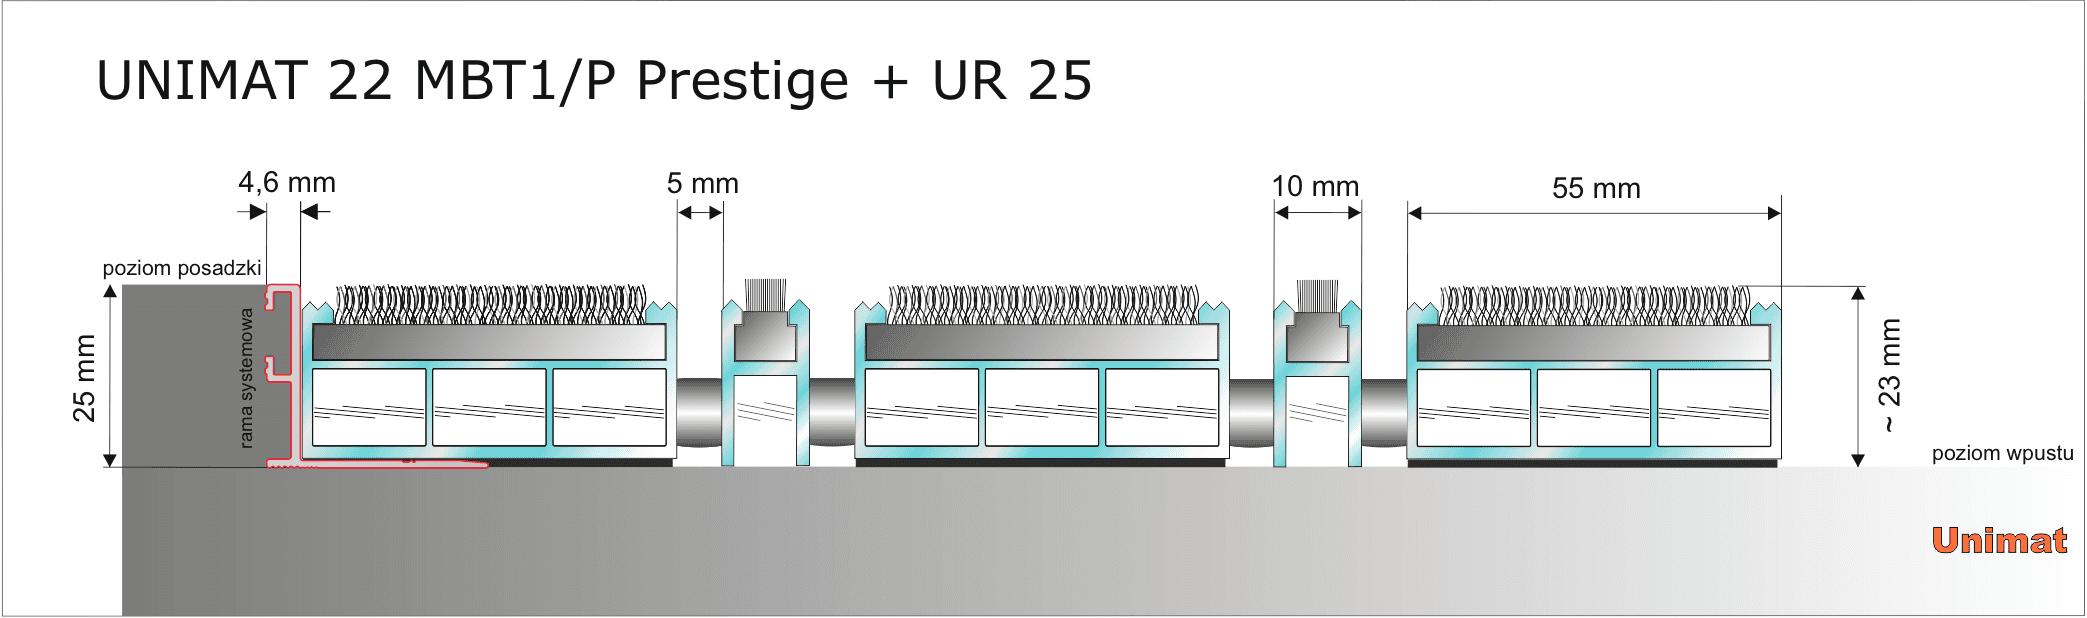 Unimat V 22 MBT1 + UR25.png